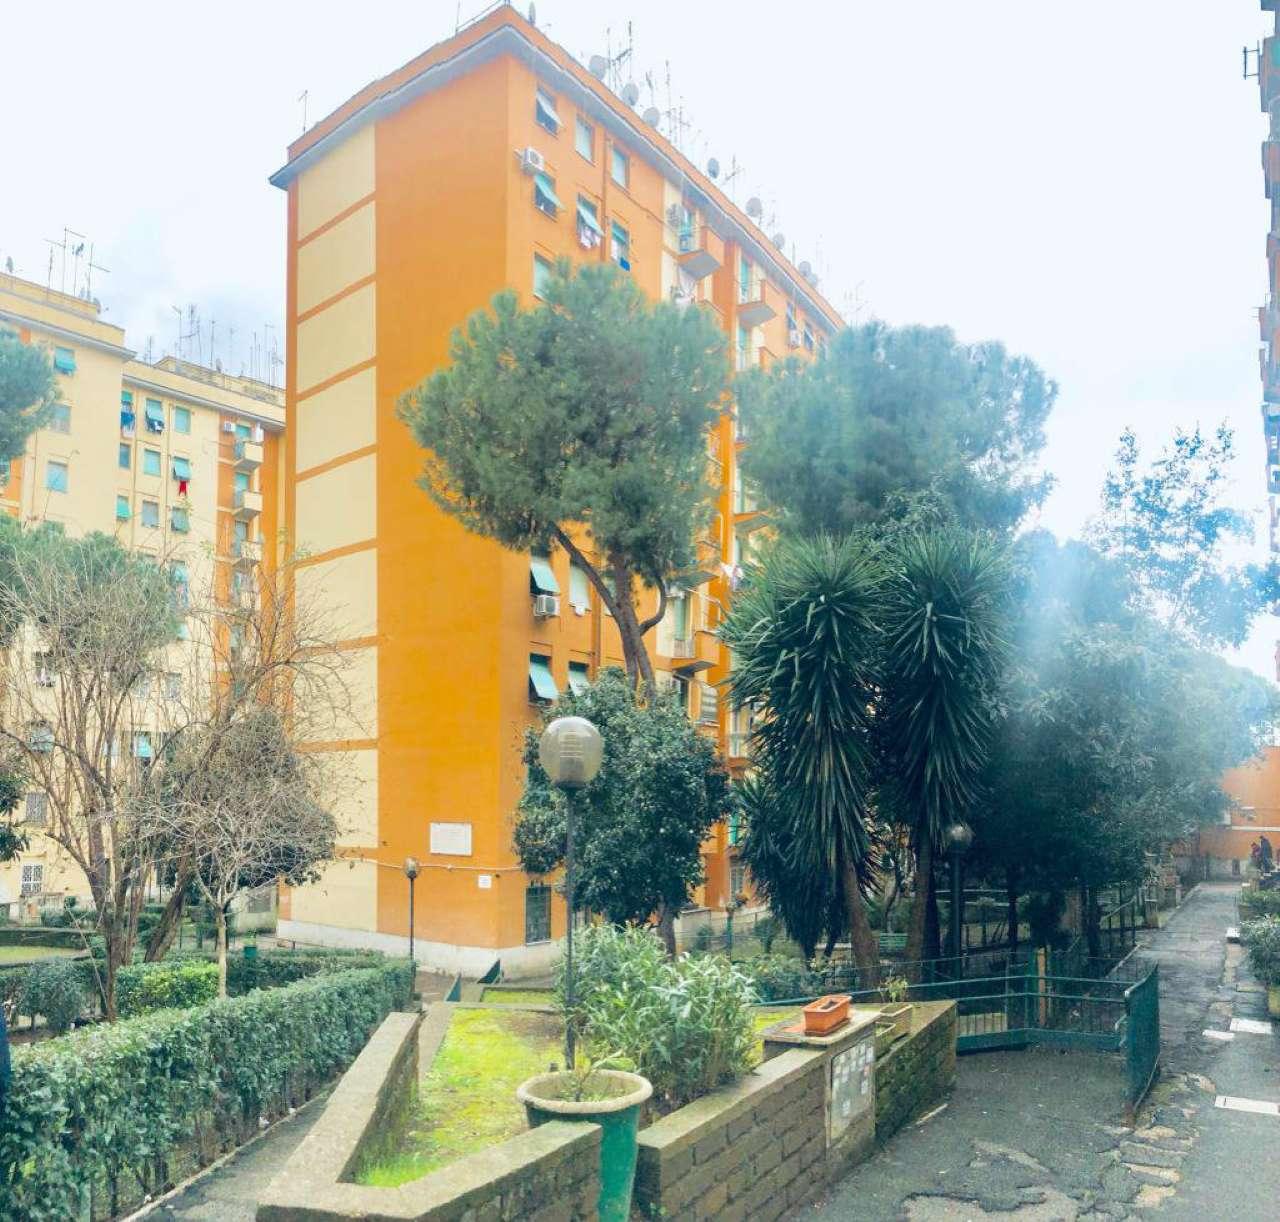 Appartamento in vendita a Roma, 2 locali, zona Zona: 9 . Prenestino, Collatino, Tor Sapienza, Torre Spaccata, Tor Tre Teste, Torre Maura, prezzo € 149.000 | CambioCasa.it